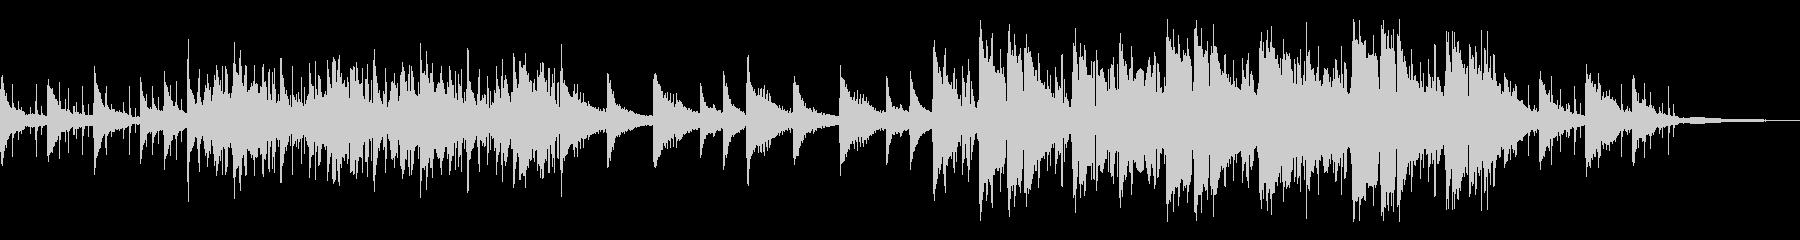 ストリングスがオシャレなLo-Fiビートの未再生の波形